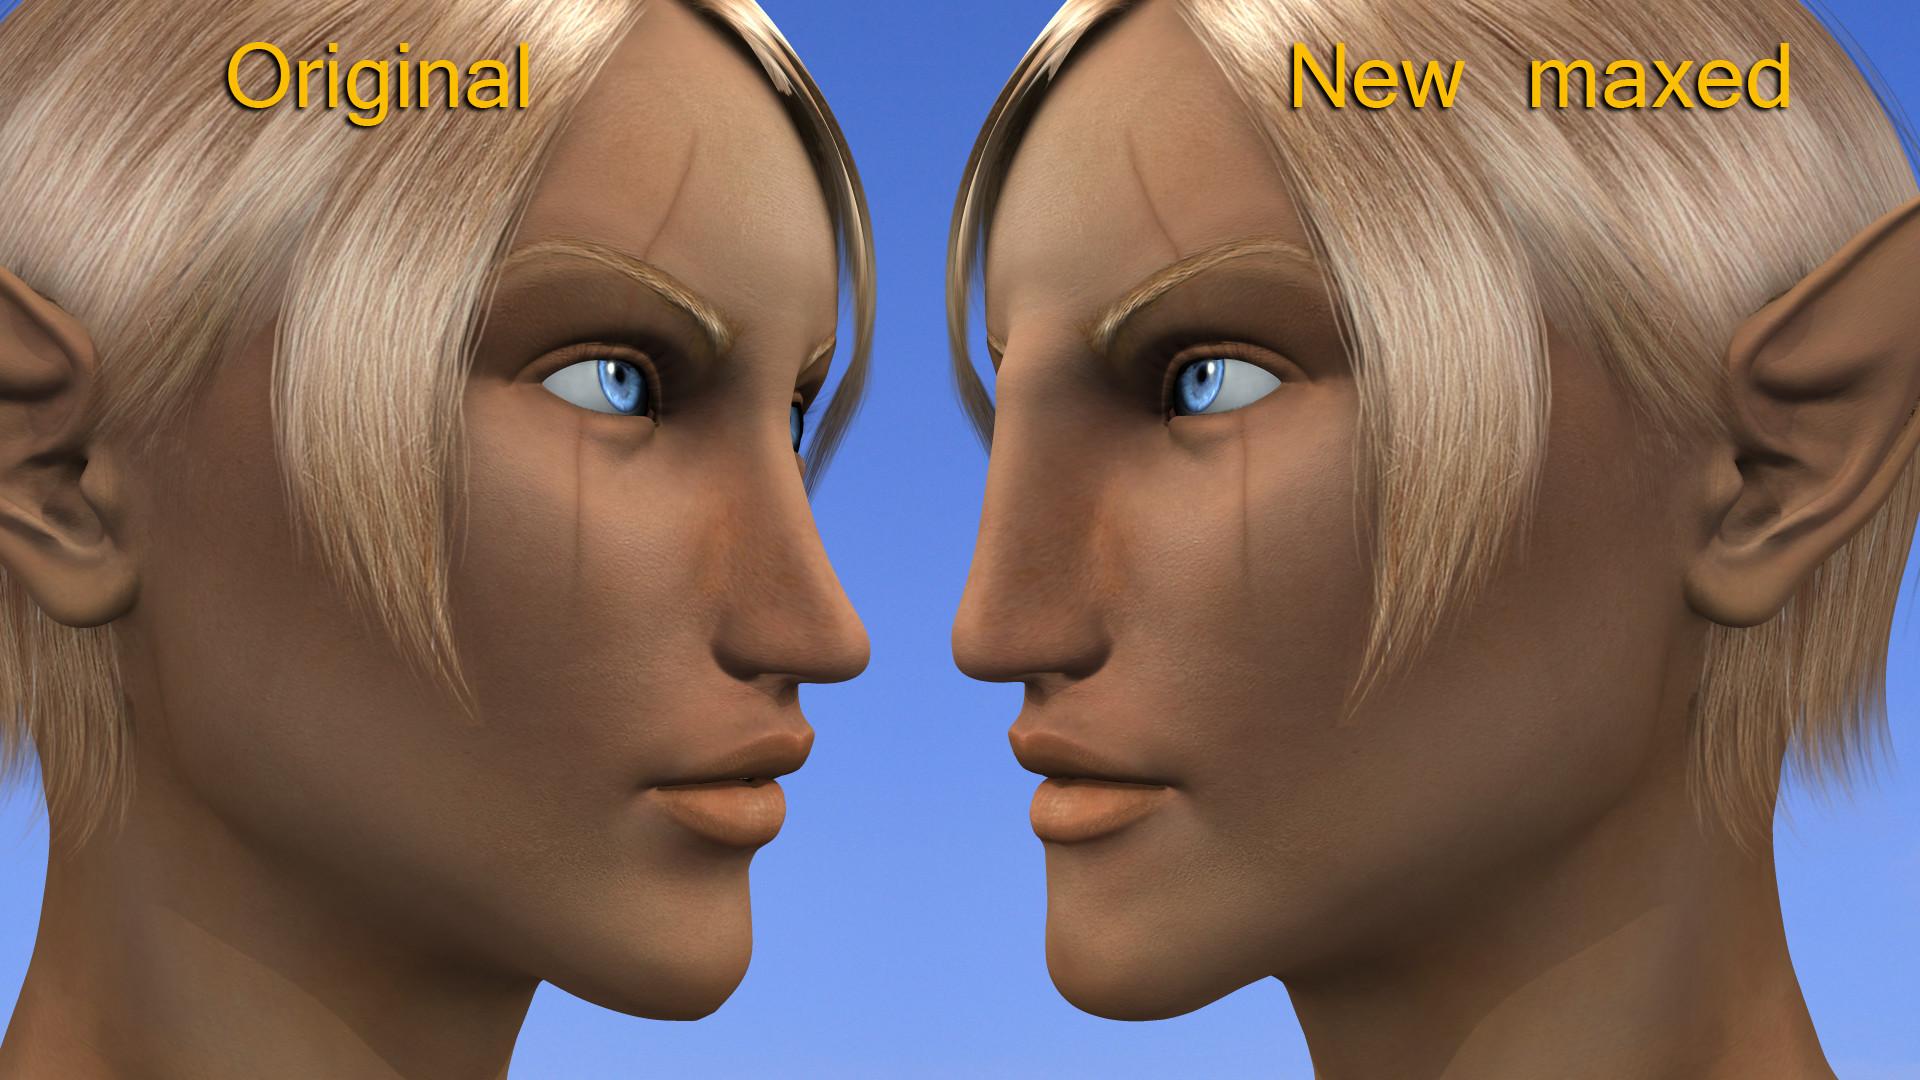 Modifiche al volto Bmax